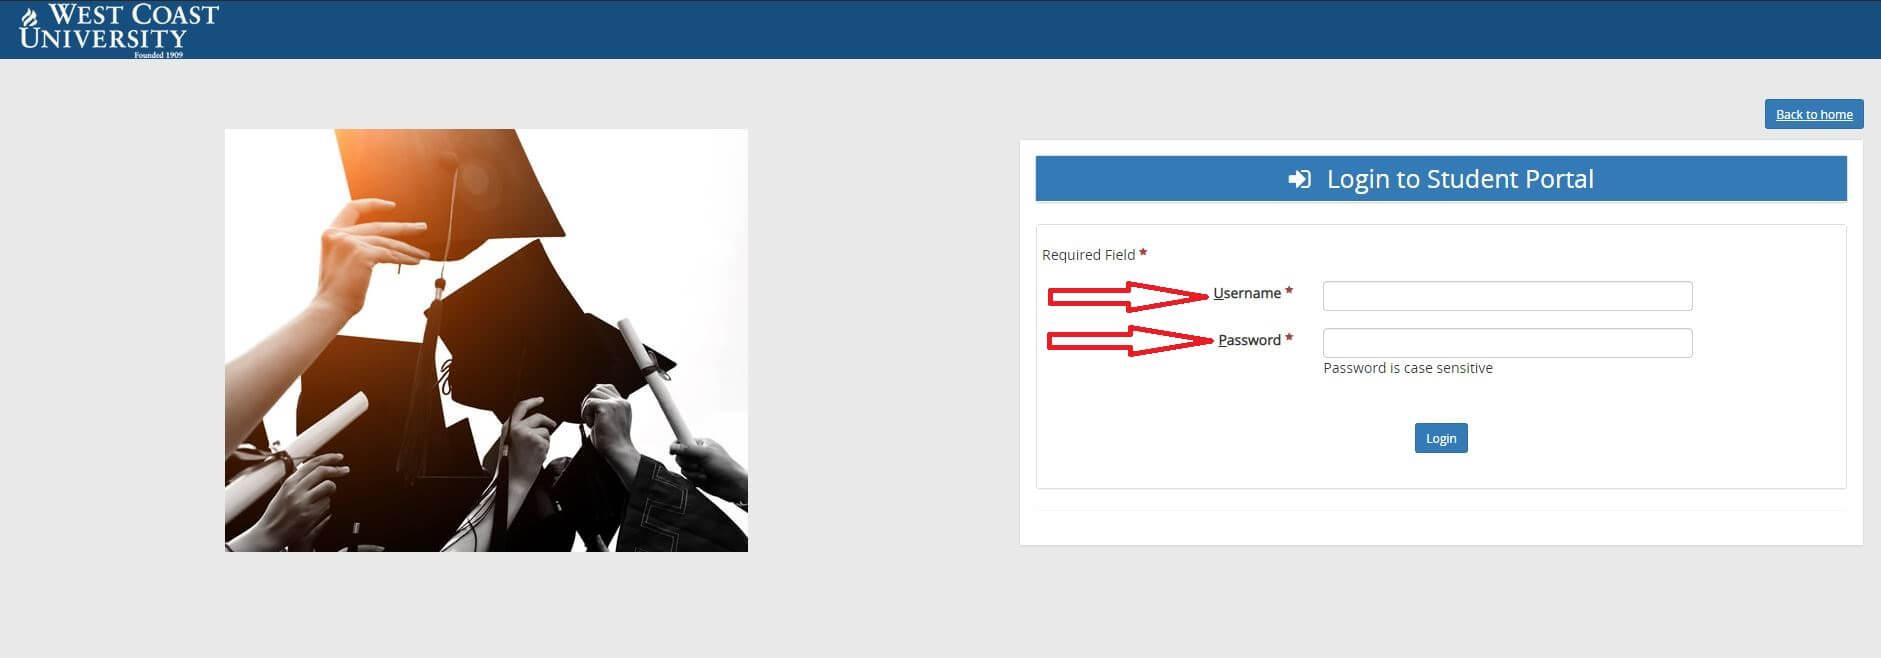 wcu student portal login guide